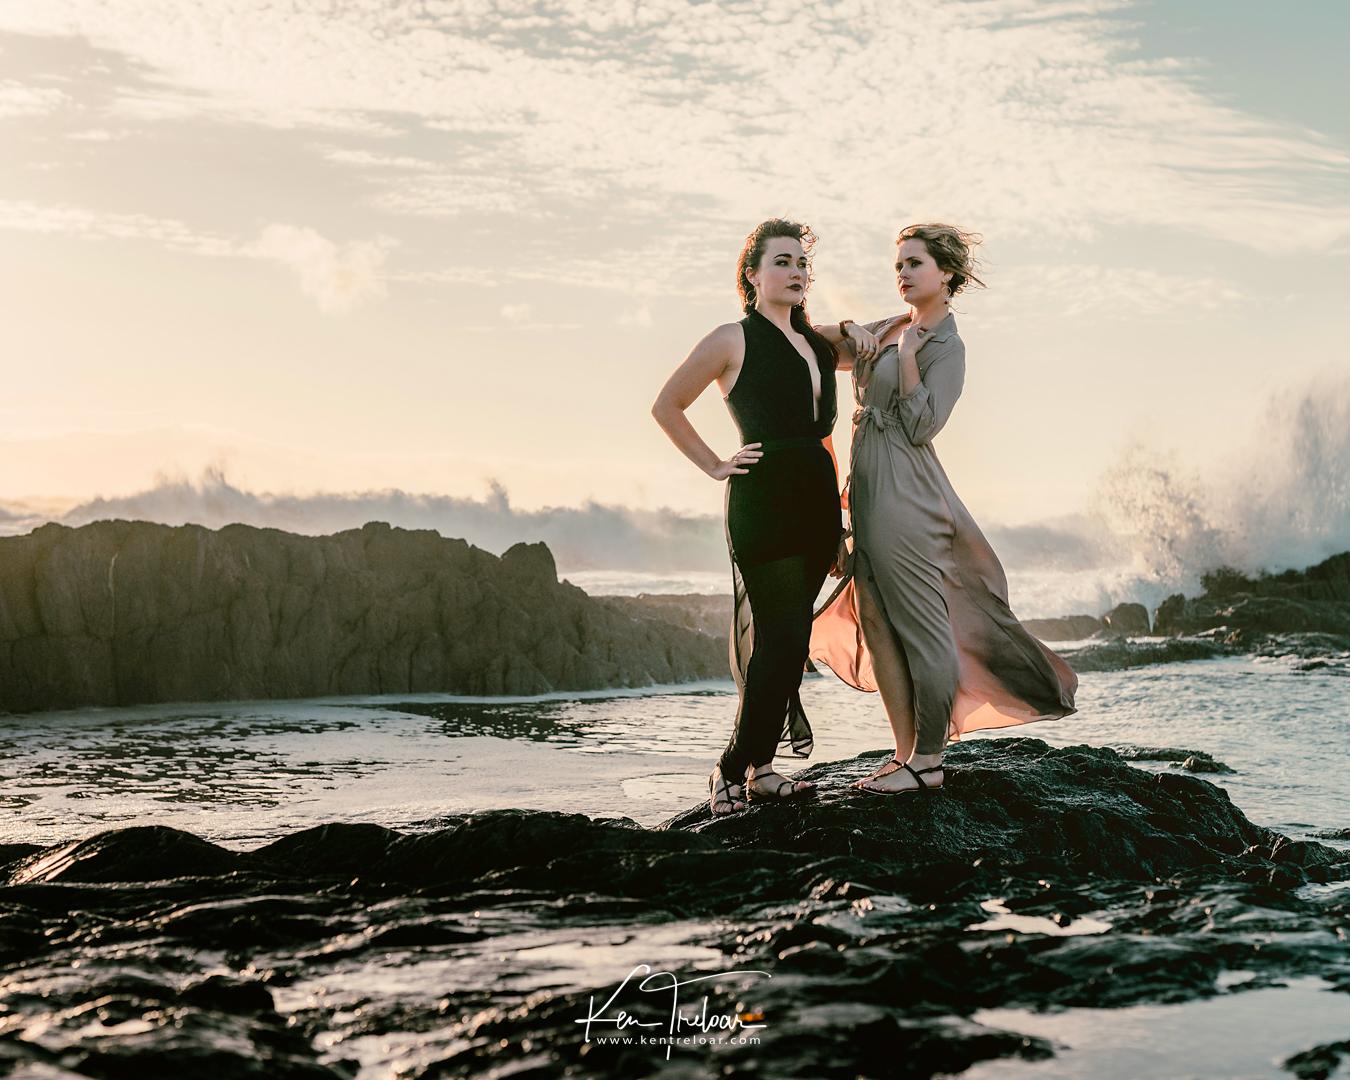 Ken Treloar Photography - Styles Best Friends photoshoot Cape Town-25.jpg